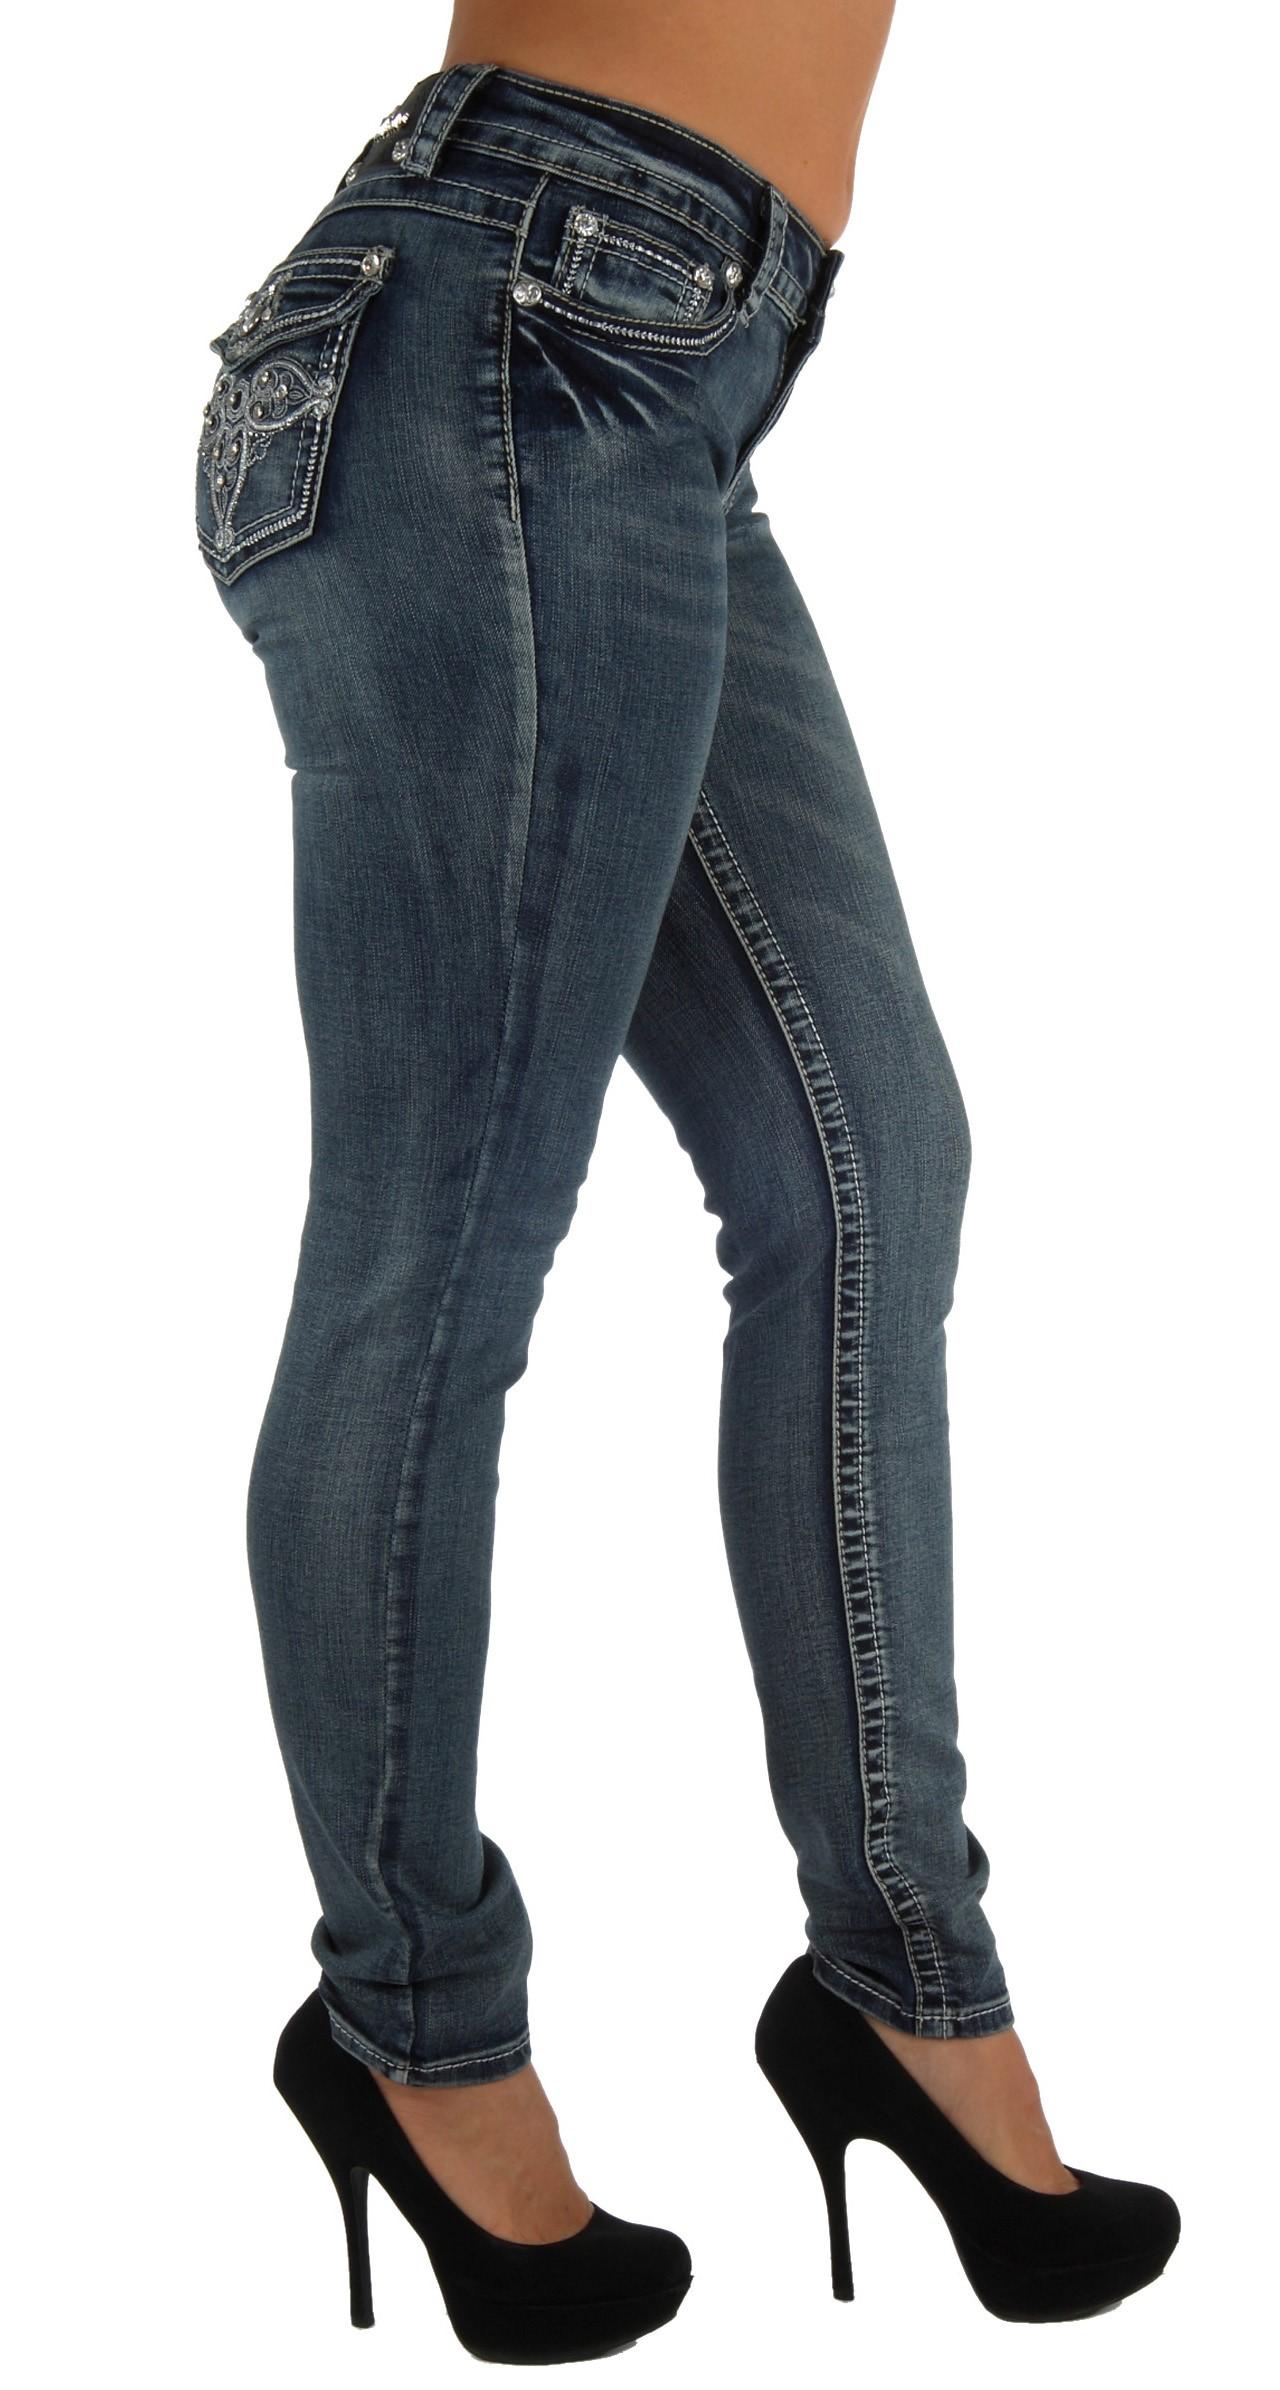 Vz6012 vivi diva premium denim embellished skinny leg jeans ebay - Diva pants ebay ...